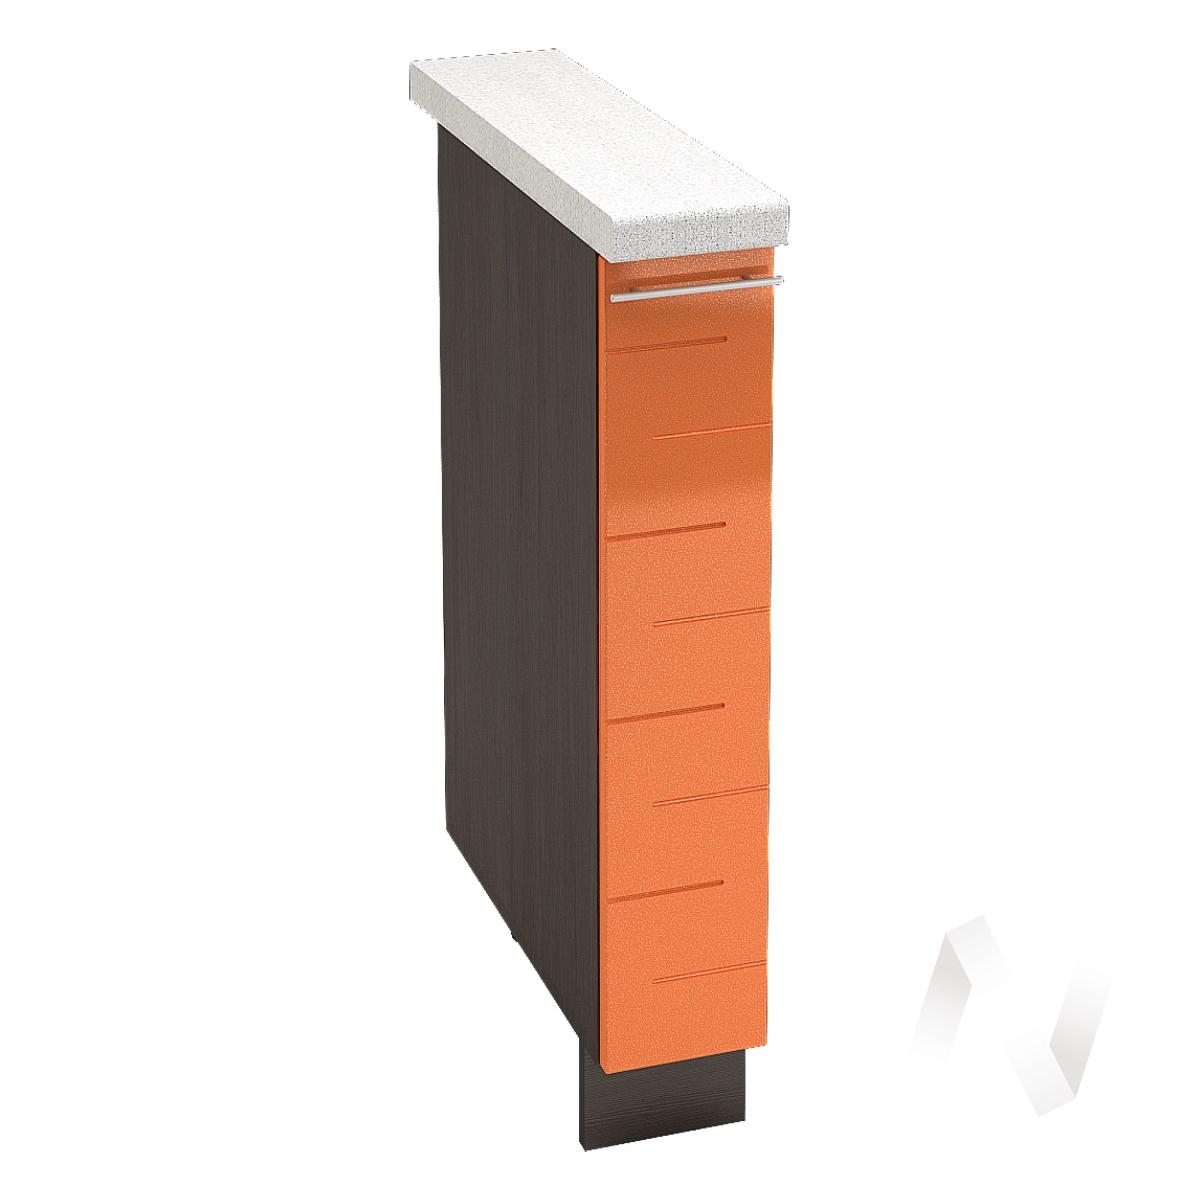 """Купить кухня """"техно"""": шкаф нижний бутылочница 150, шнб 150 (корпус венге) в Новосибирске в интернет-магазине Мебель плюс Техника"""